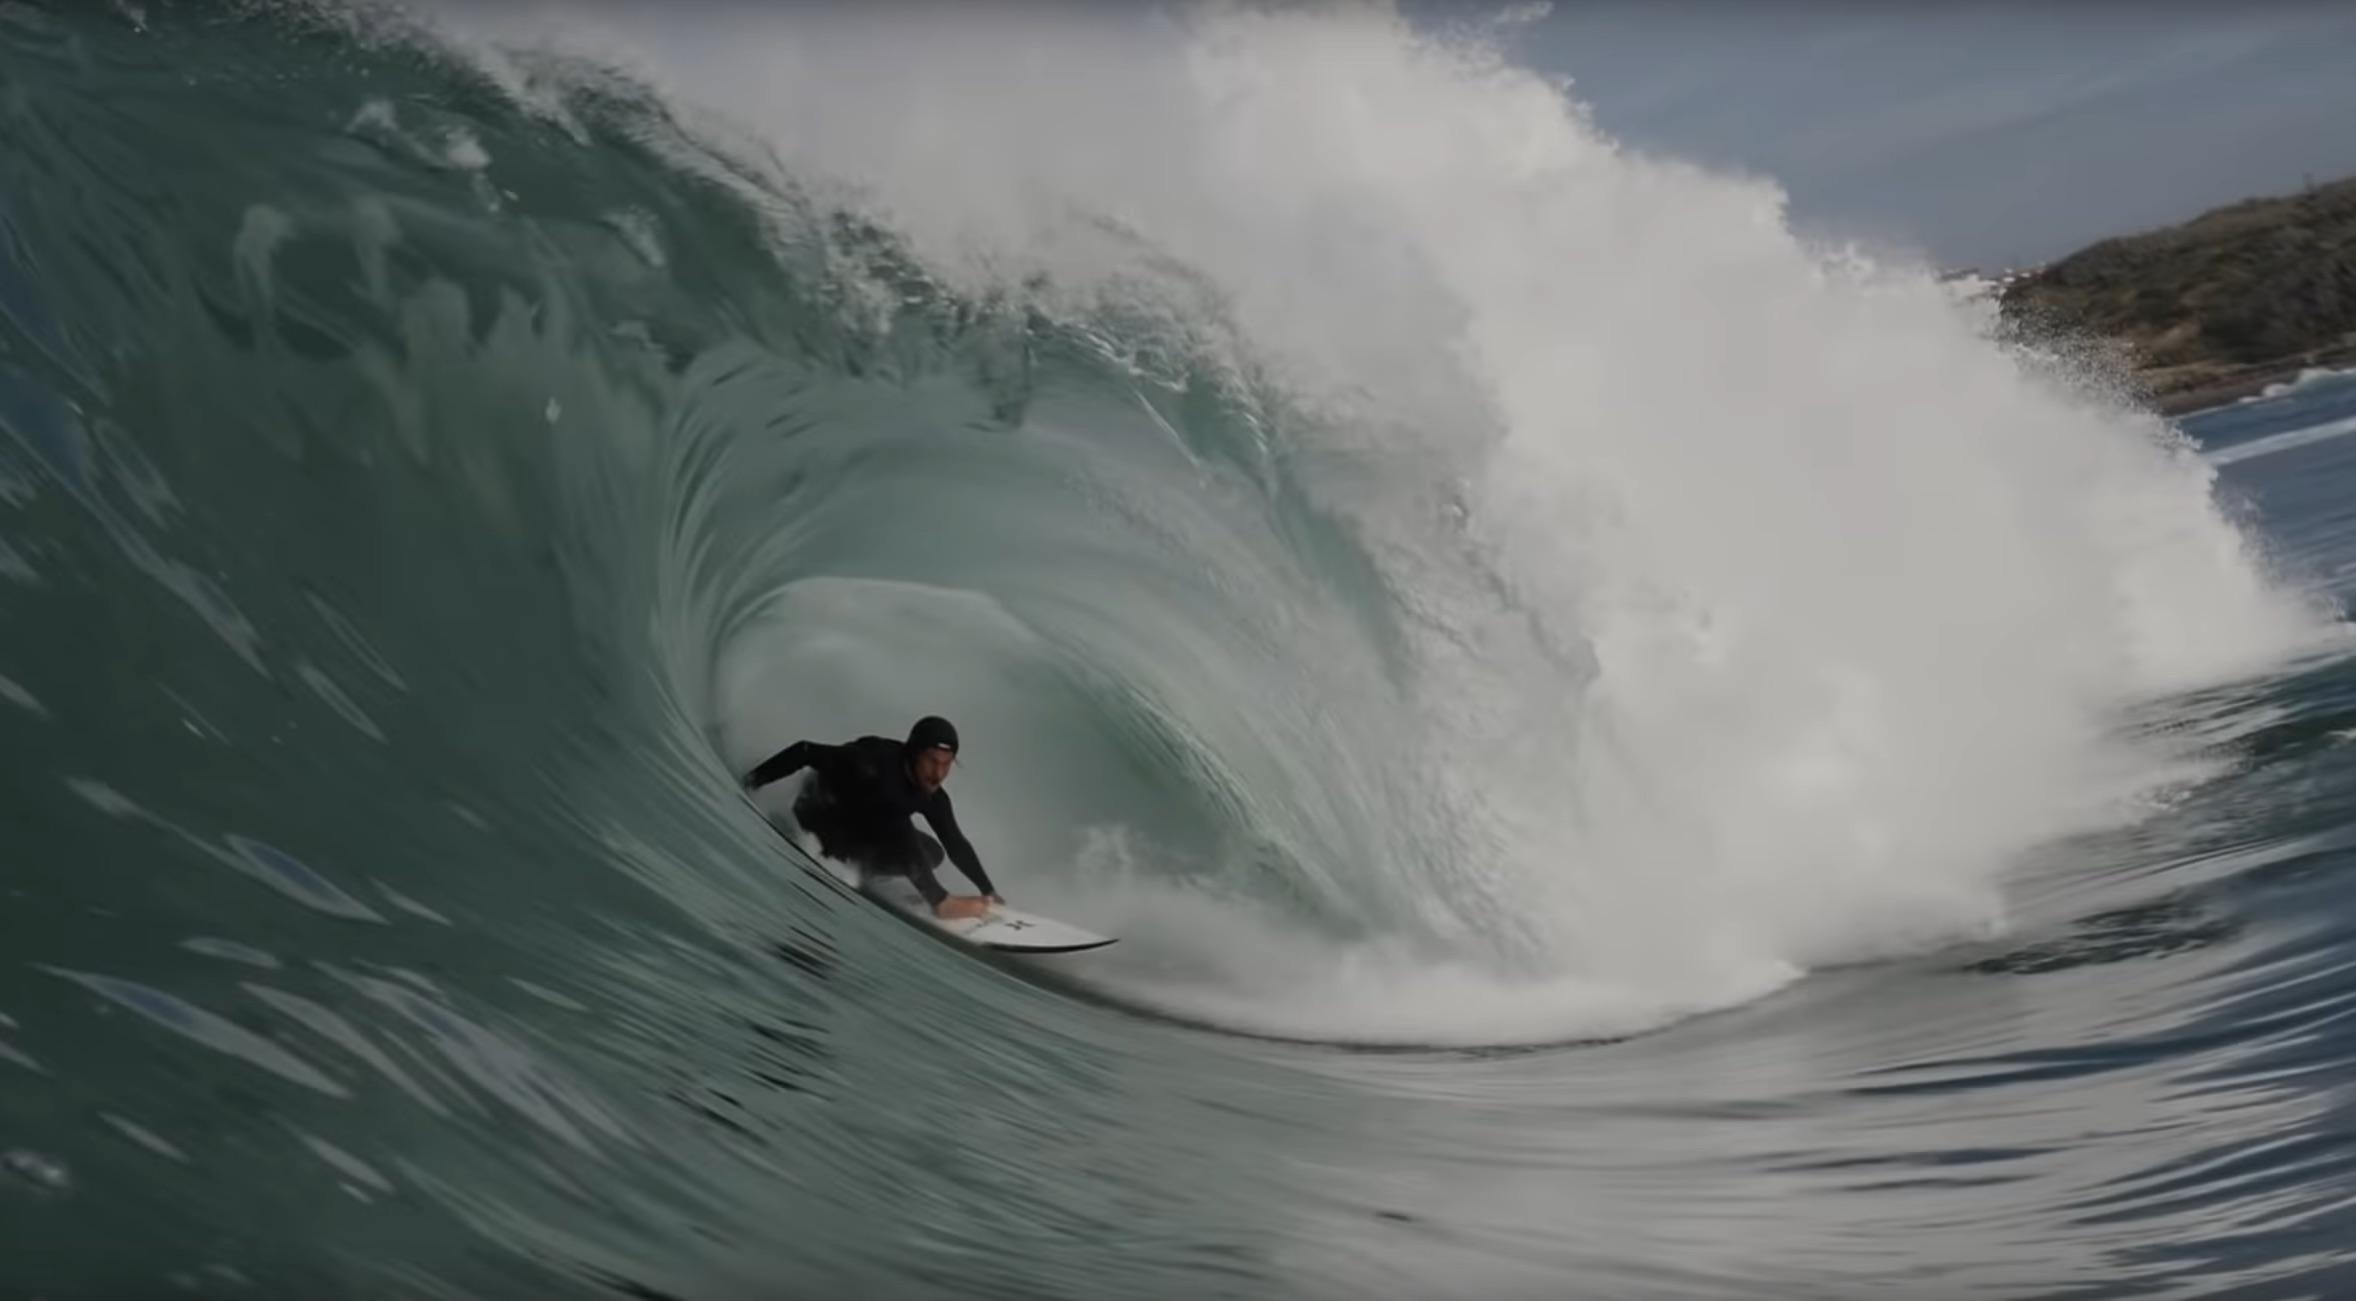 Nic von Rupp in THE CAVE – dem wohl heftigsten Spot in Portugal